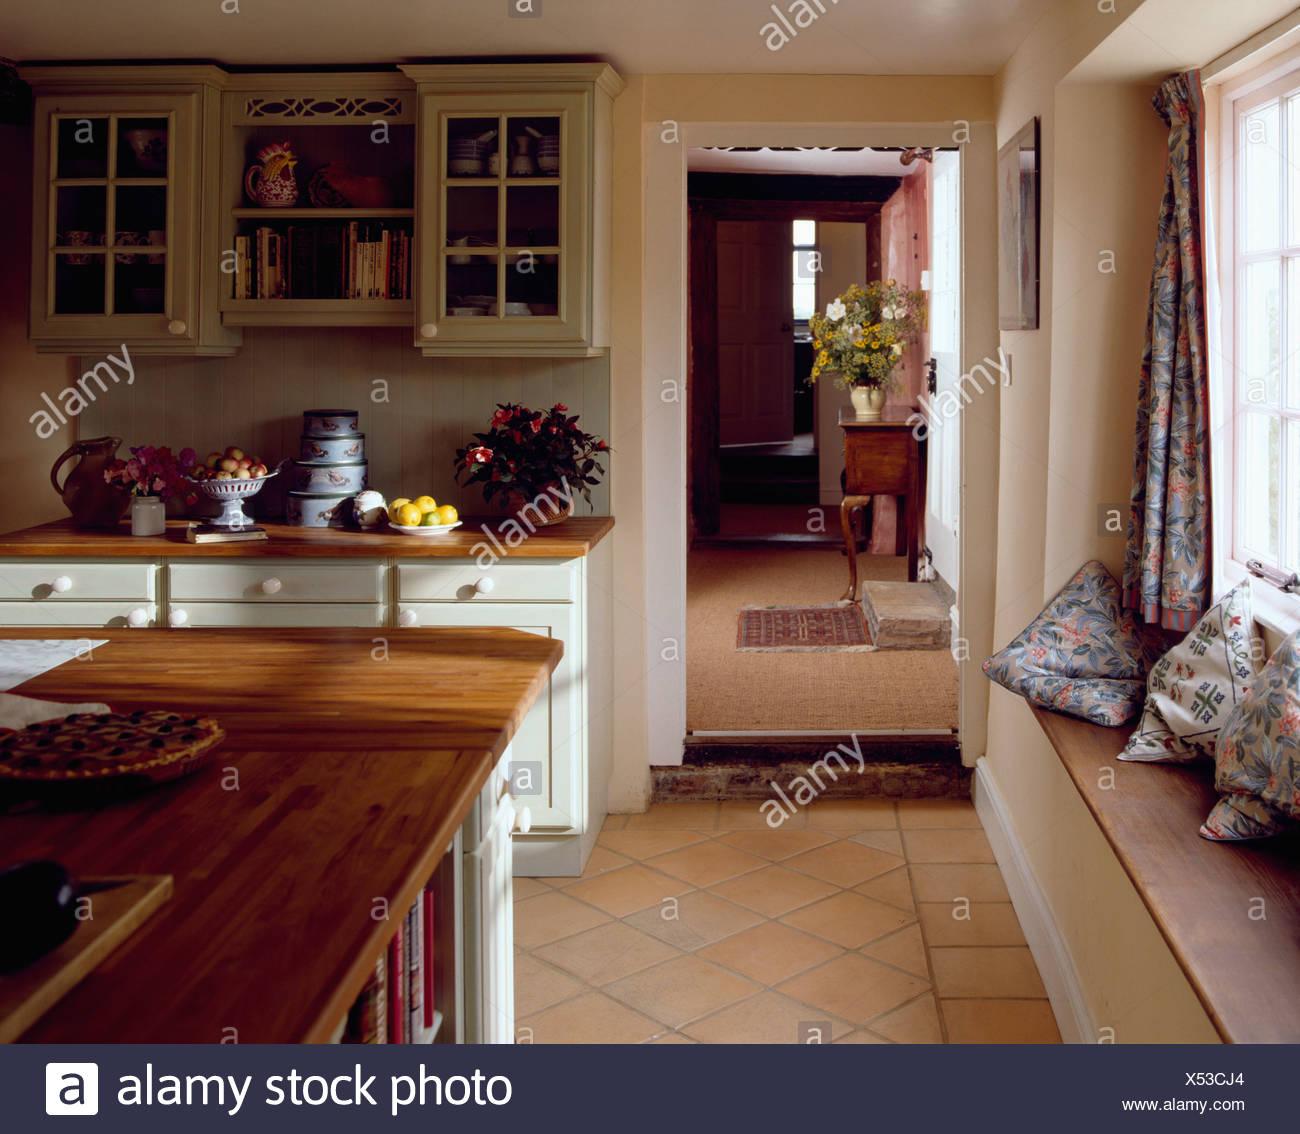 Wunderbar Französisch Bauernküche Bilder Bilder - Küche Set Ideen ...